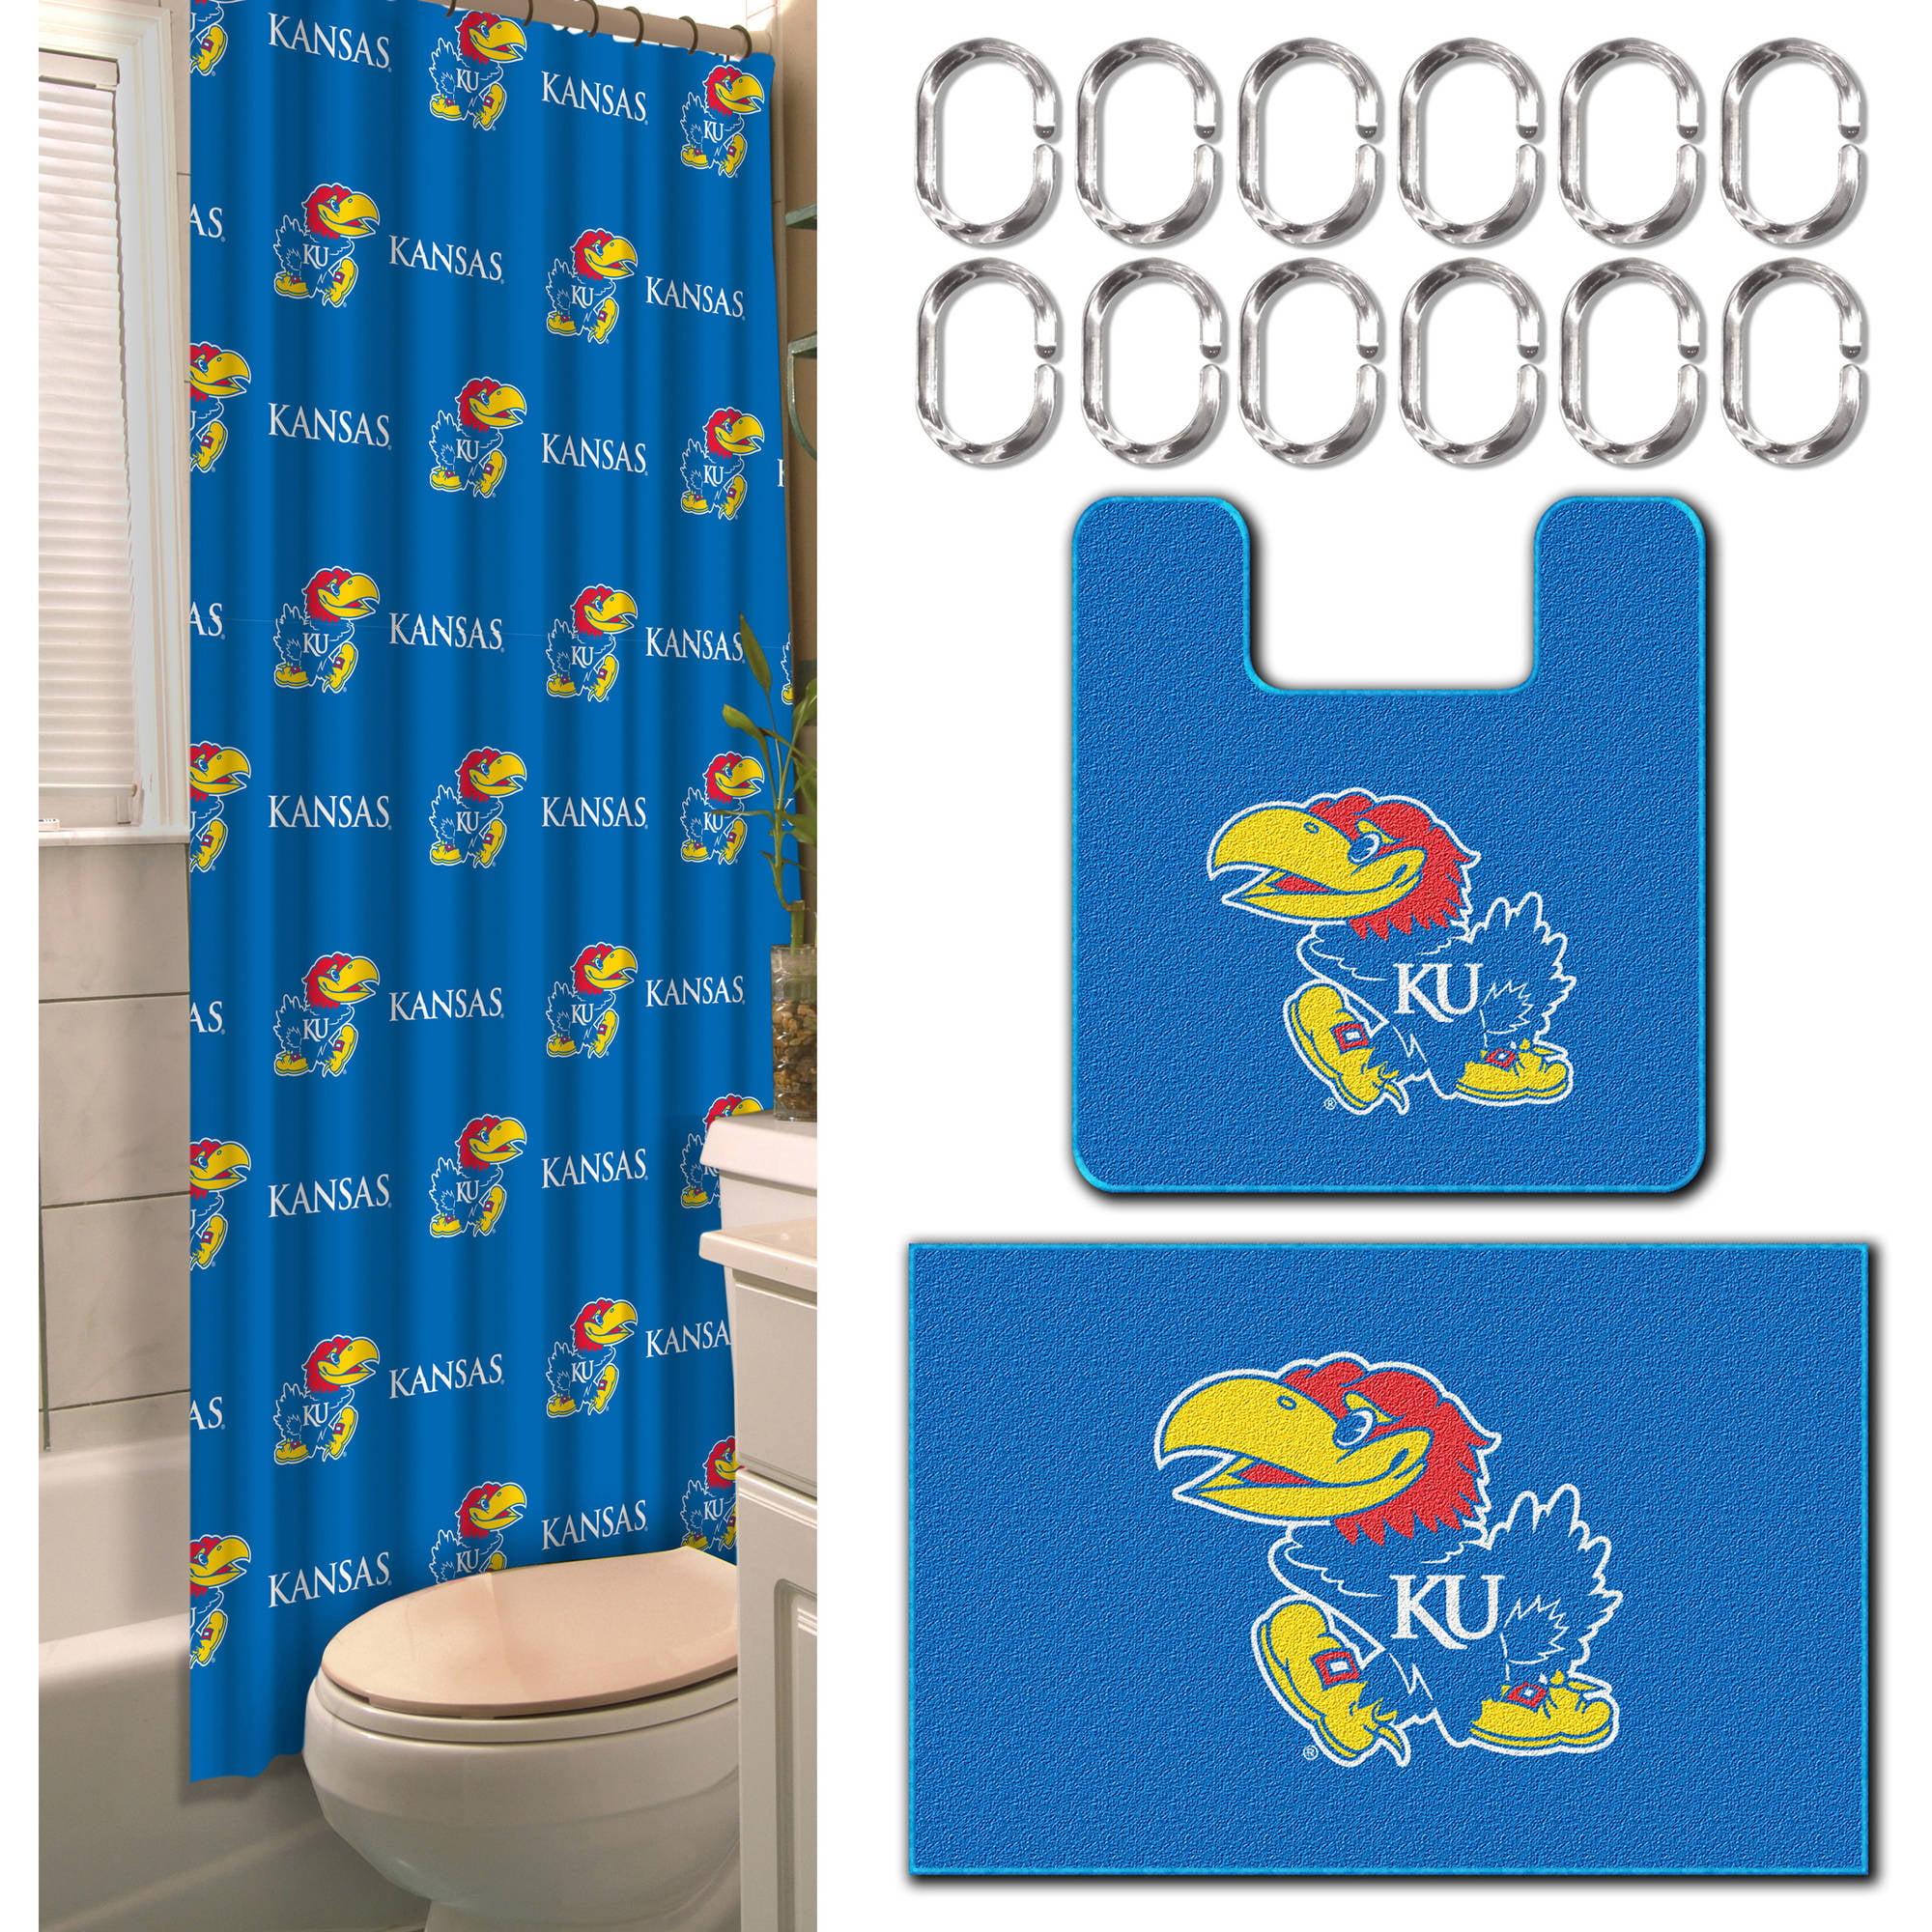 NCAA Kansas Jayhawks 15-Piece Bath Set